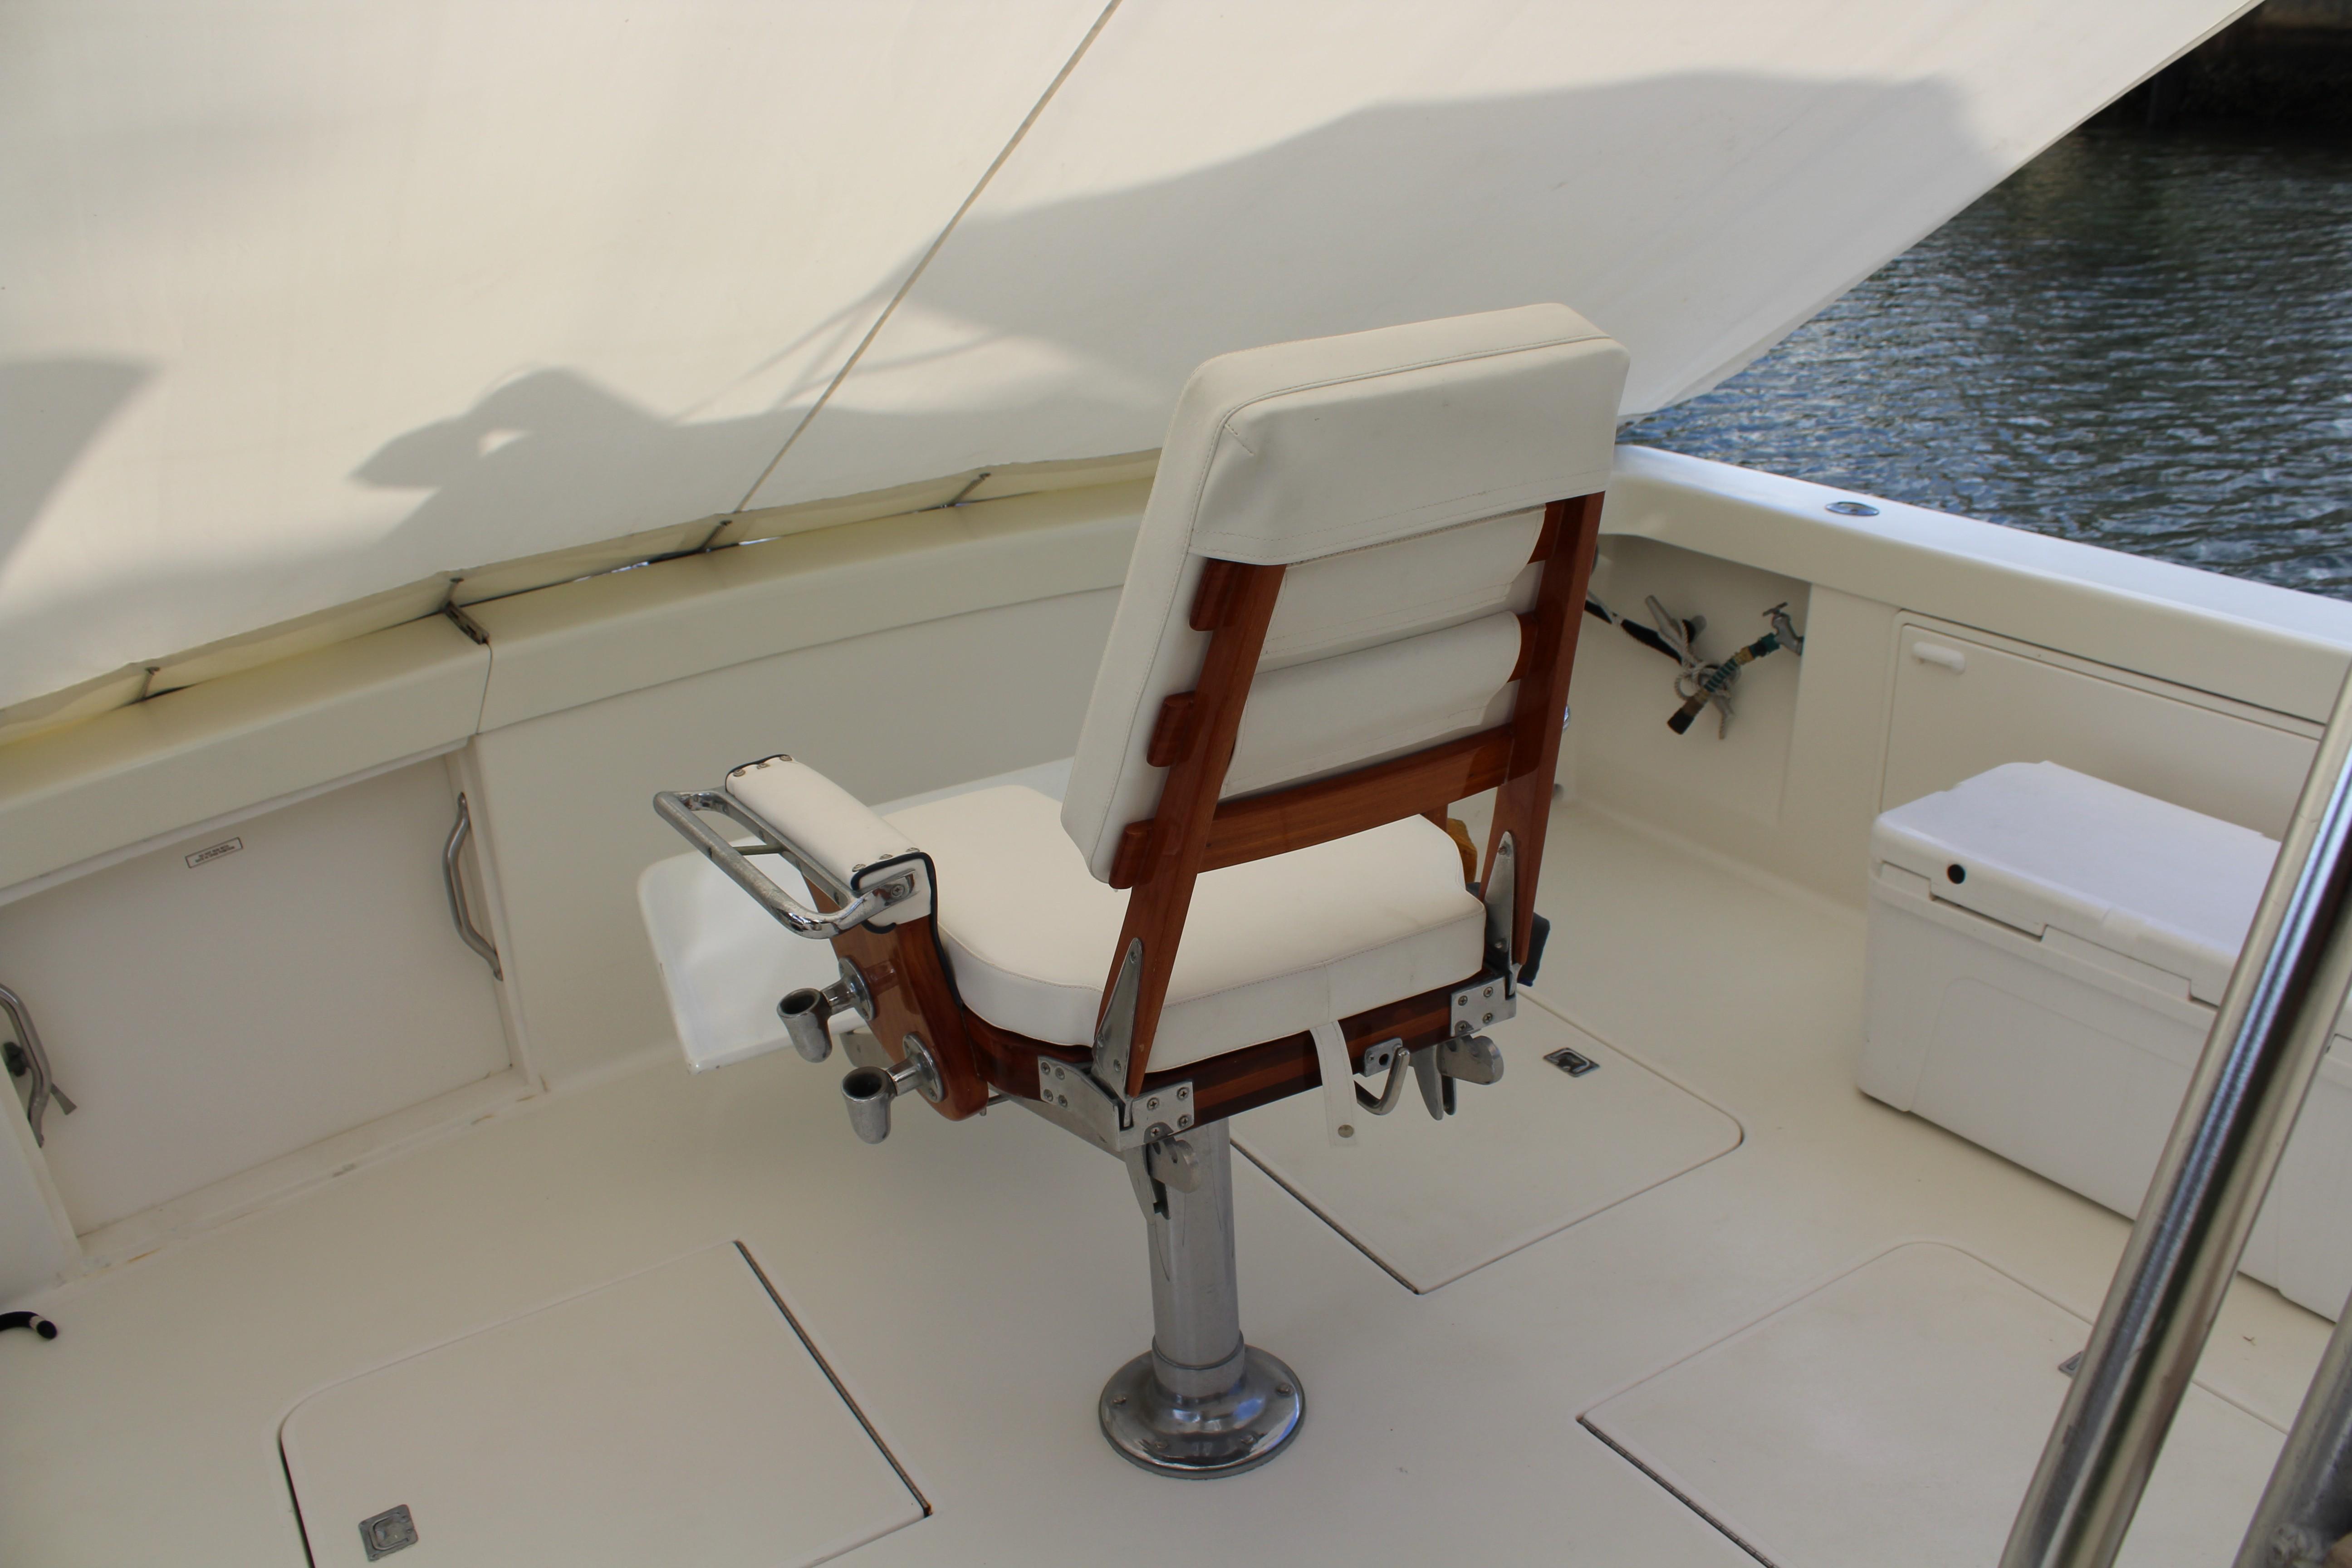 Cockpit with Sun shade